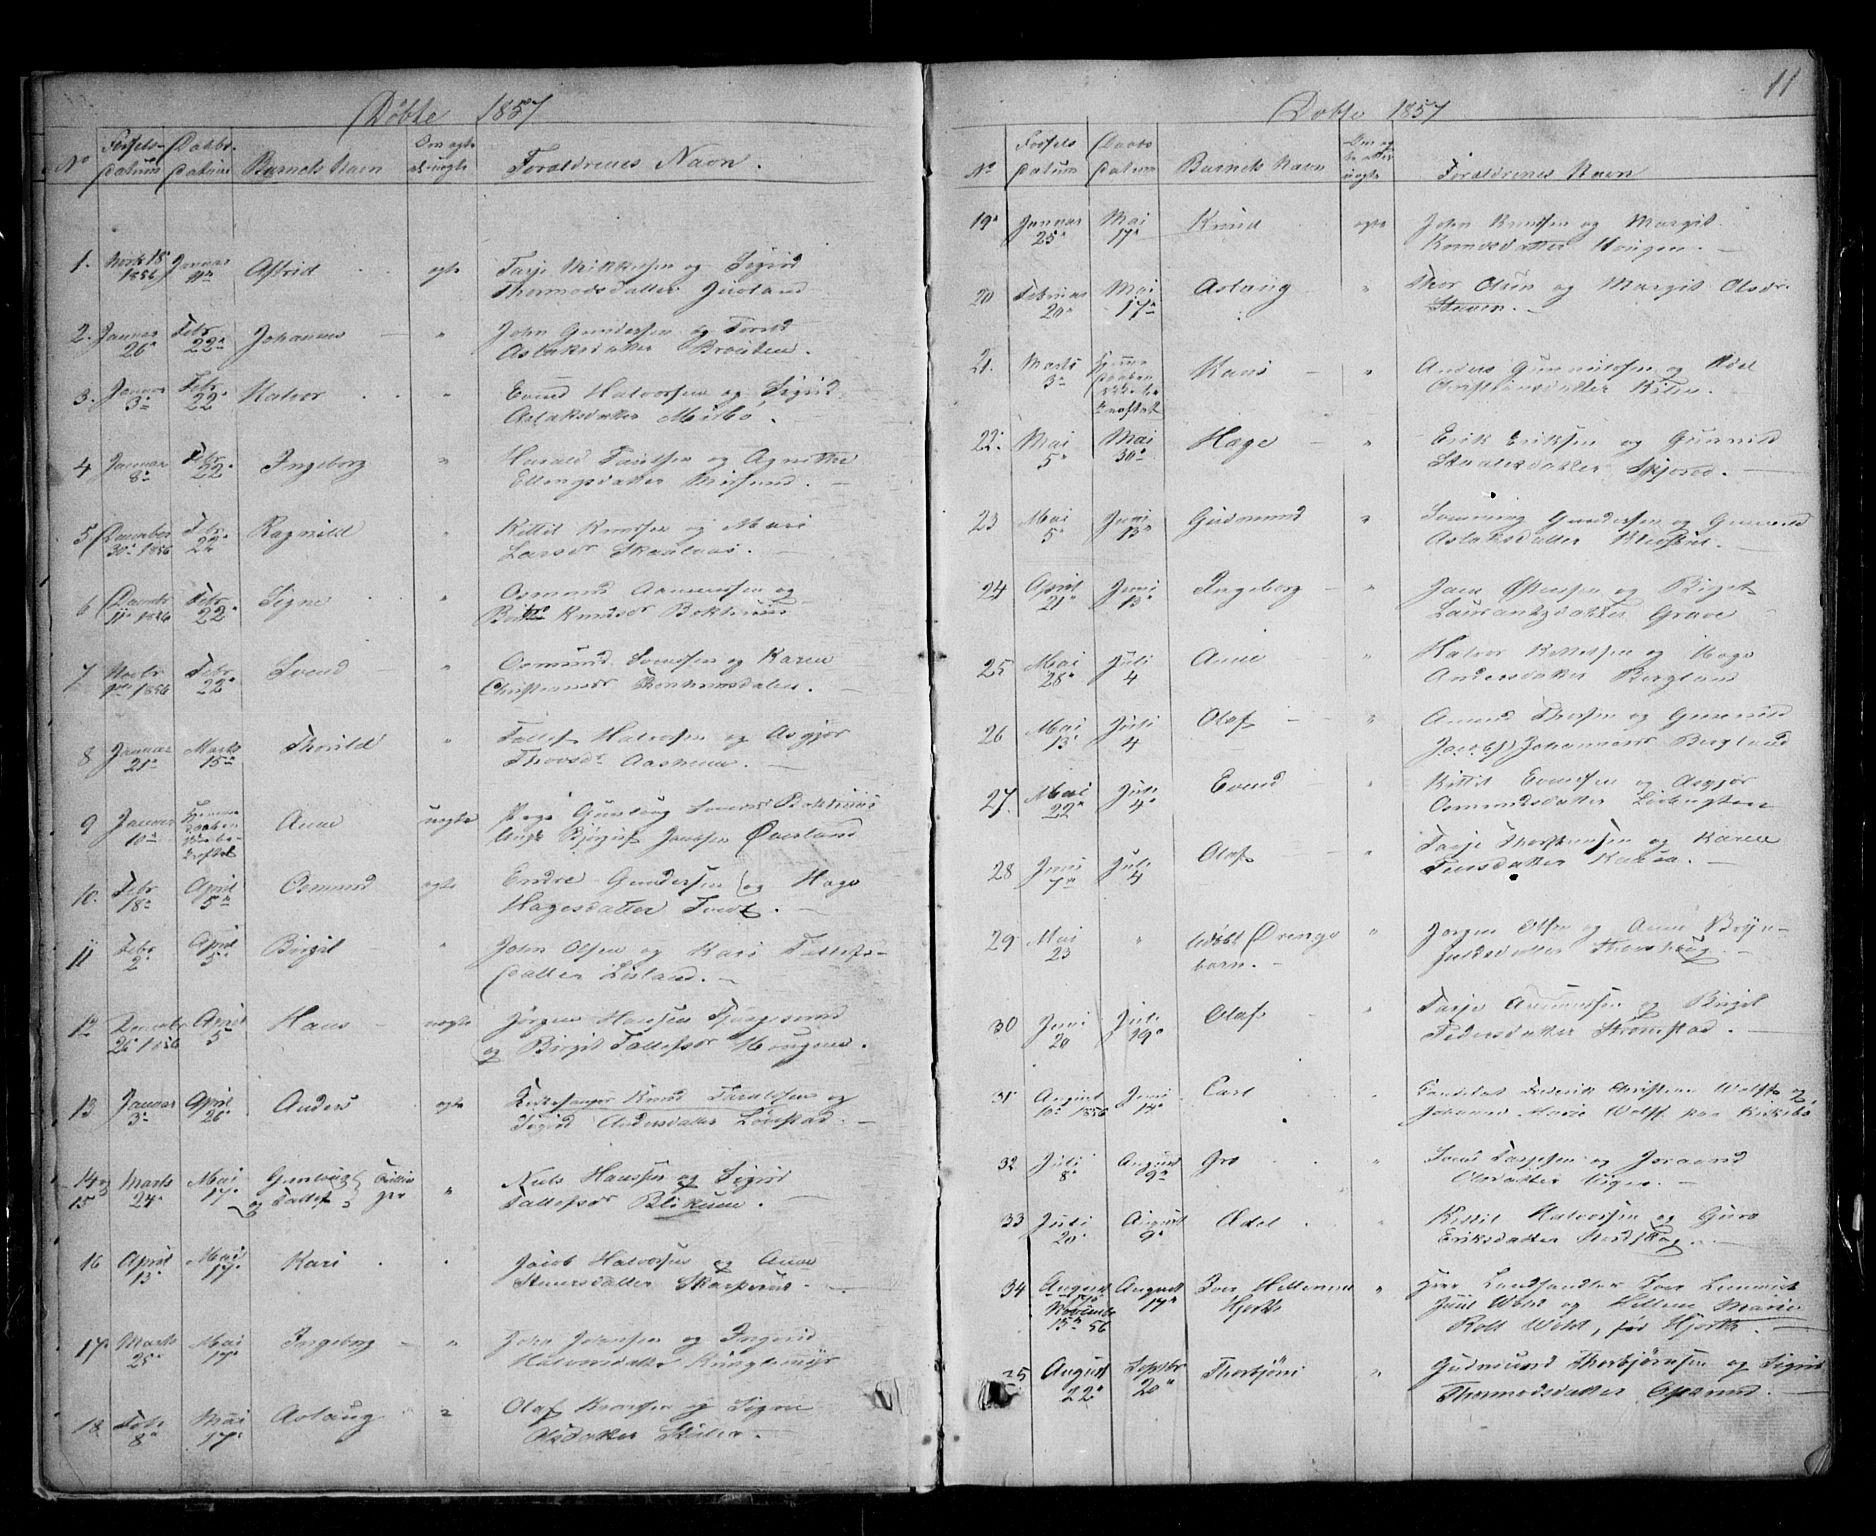 SAKO, Kviteseid kirkebøker, G/Ga/L0001: Klokkerbok nr. I 1, 1850-1893, s. 11